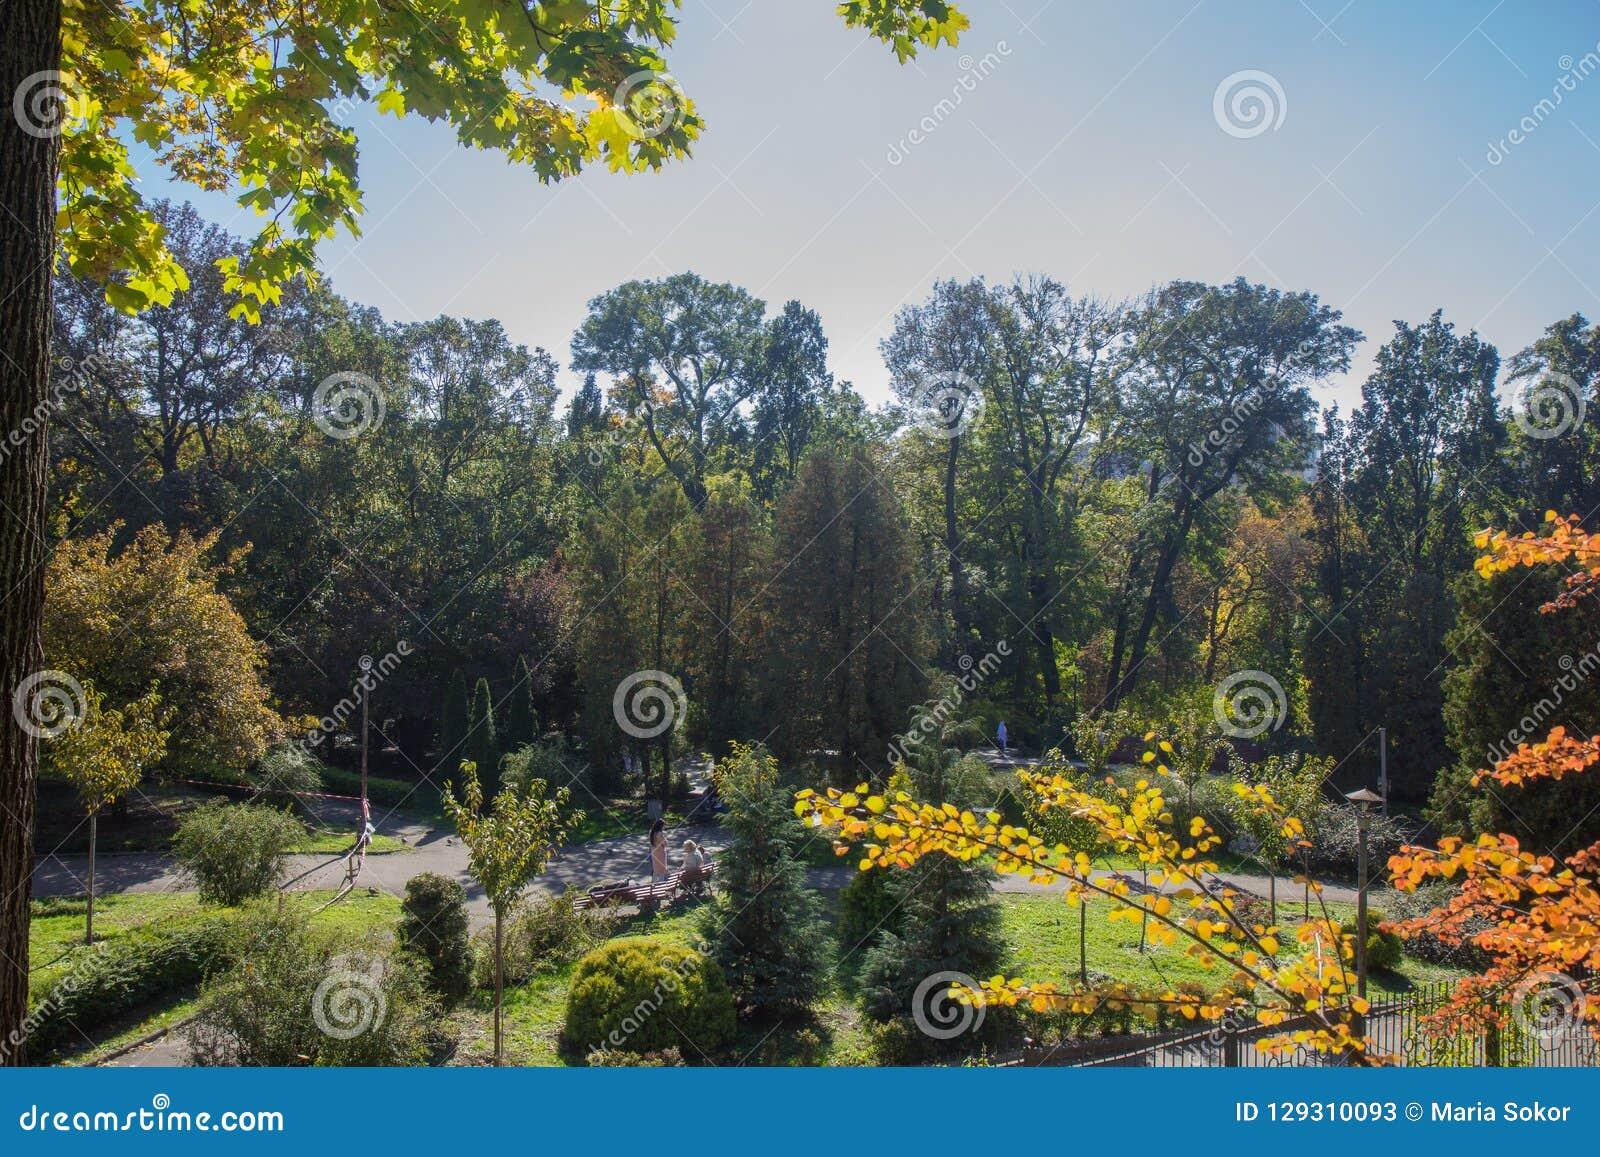 Ландшафт в октябре осени красочные desiduous деревья - солнечный взгляд осени Сад академичного университета Fomin ботанический дл